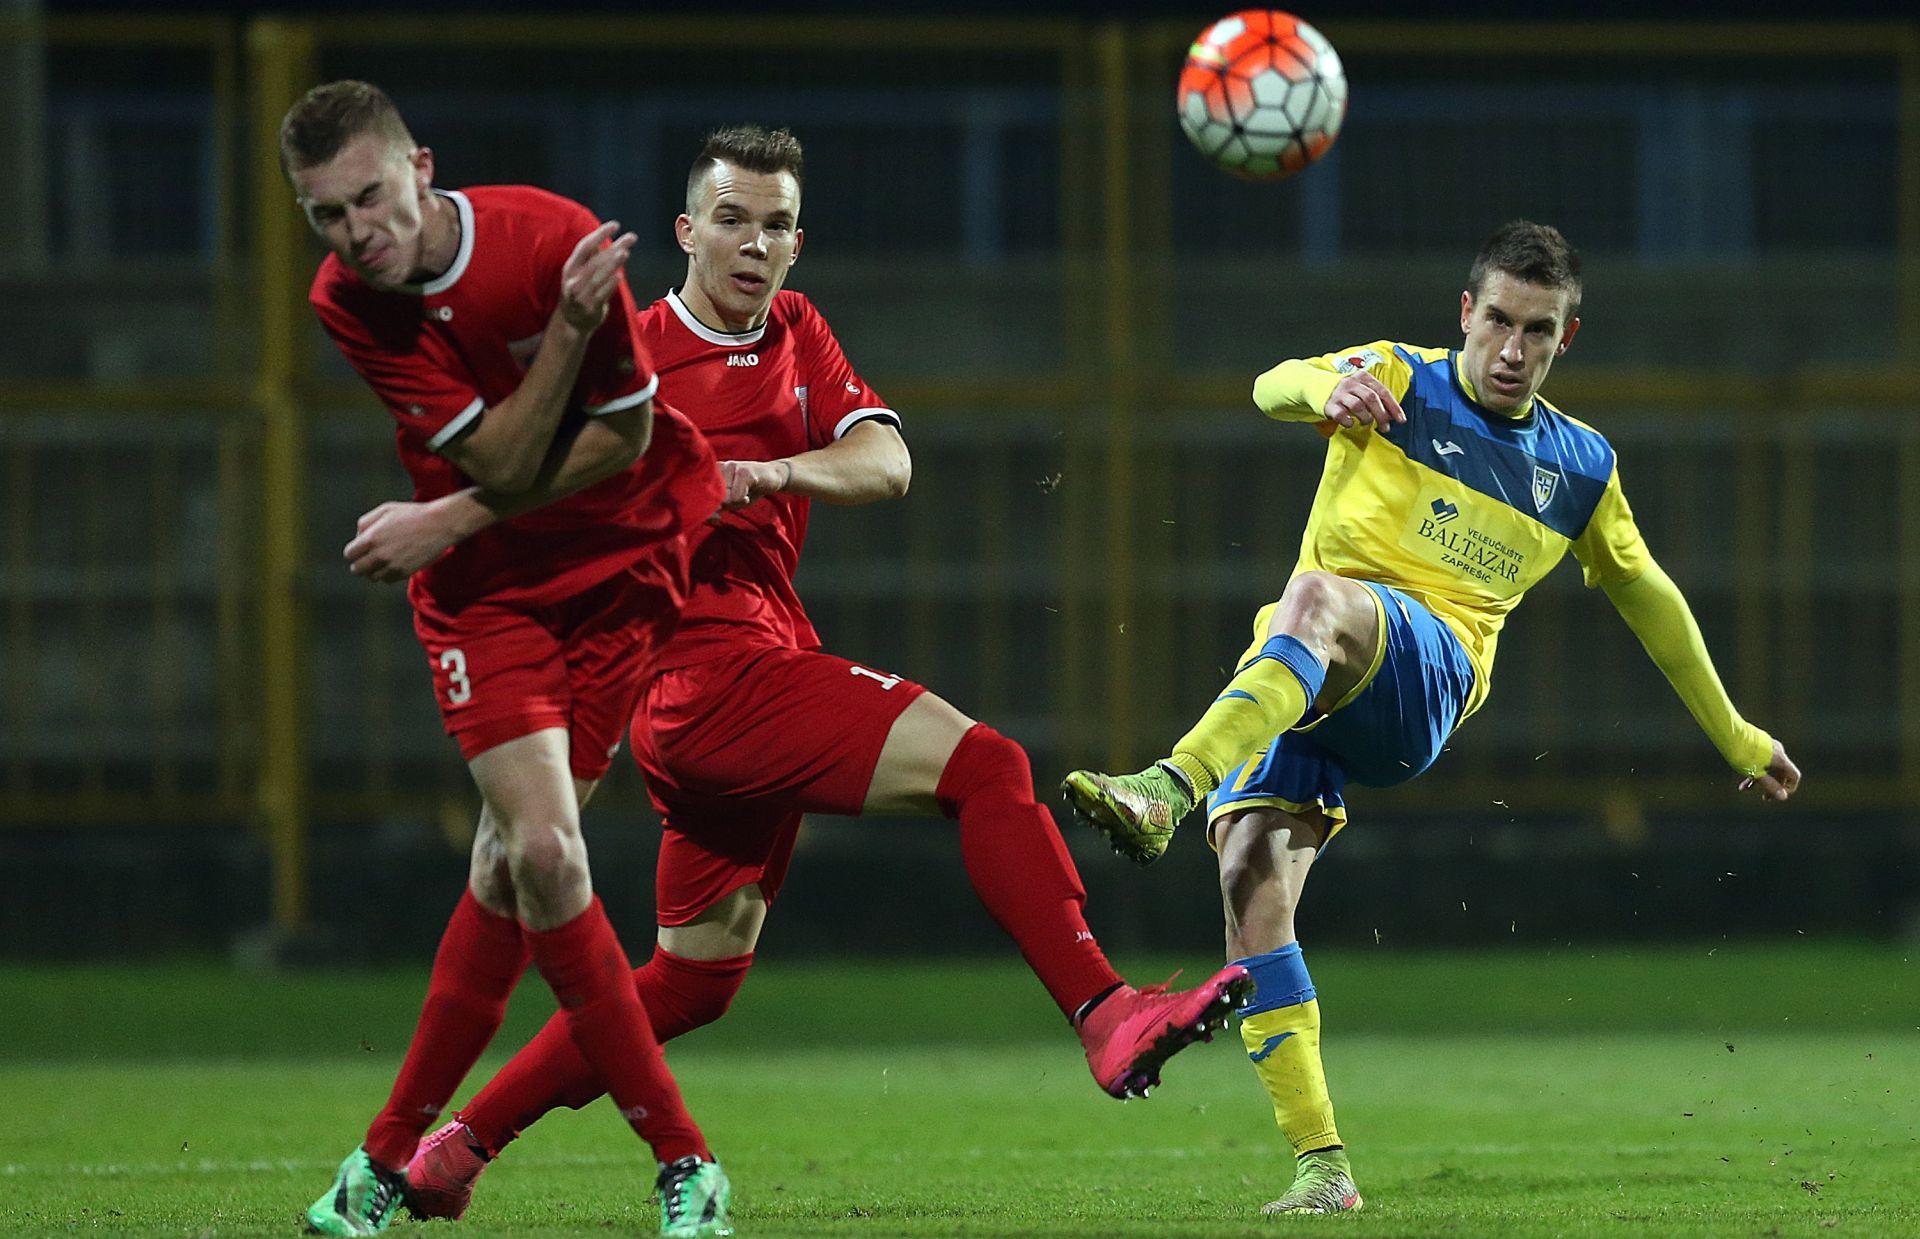 HRVATSKI KUP Slaven Belupo i Inter u četvrtfinalu